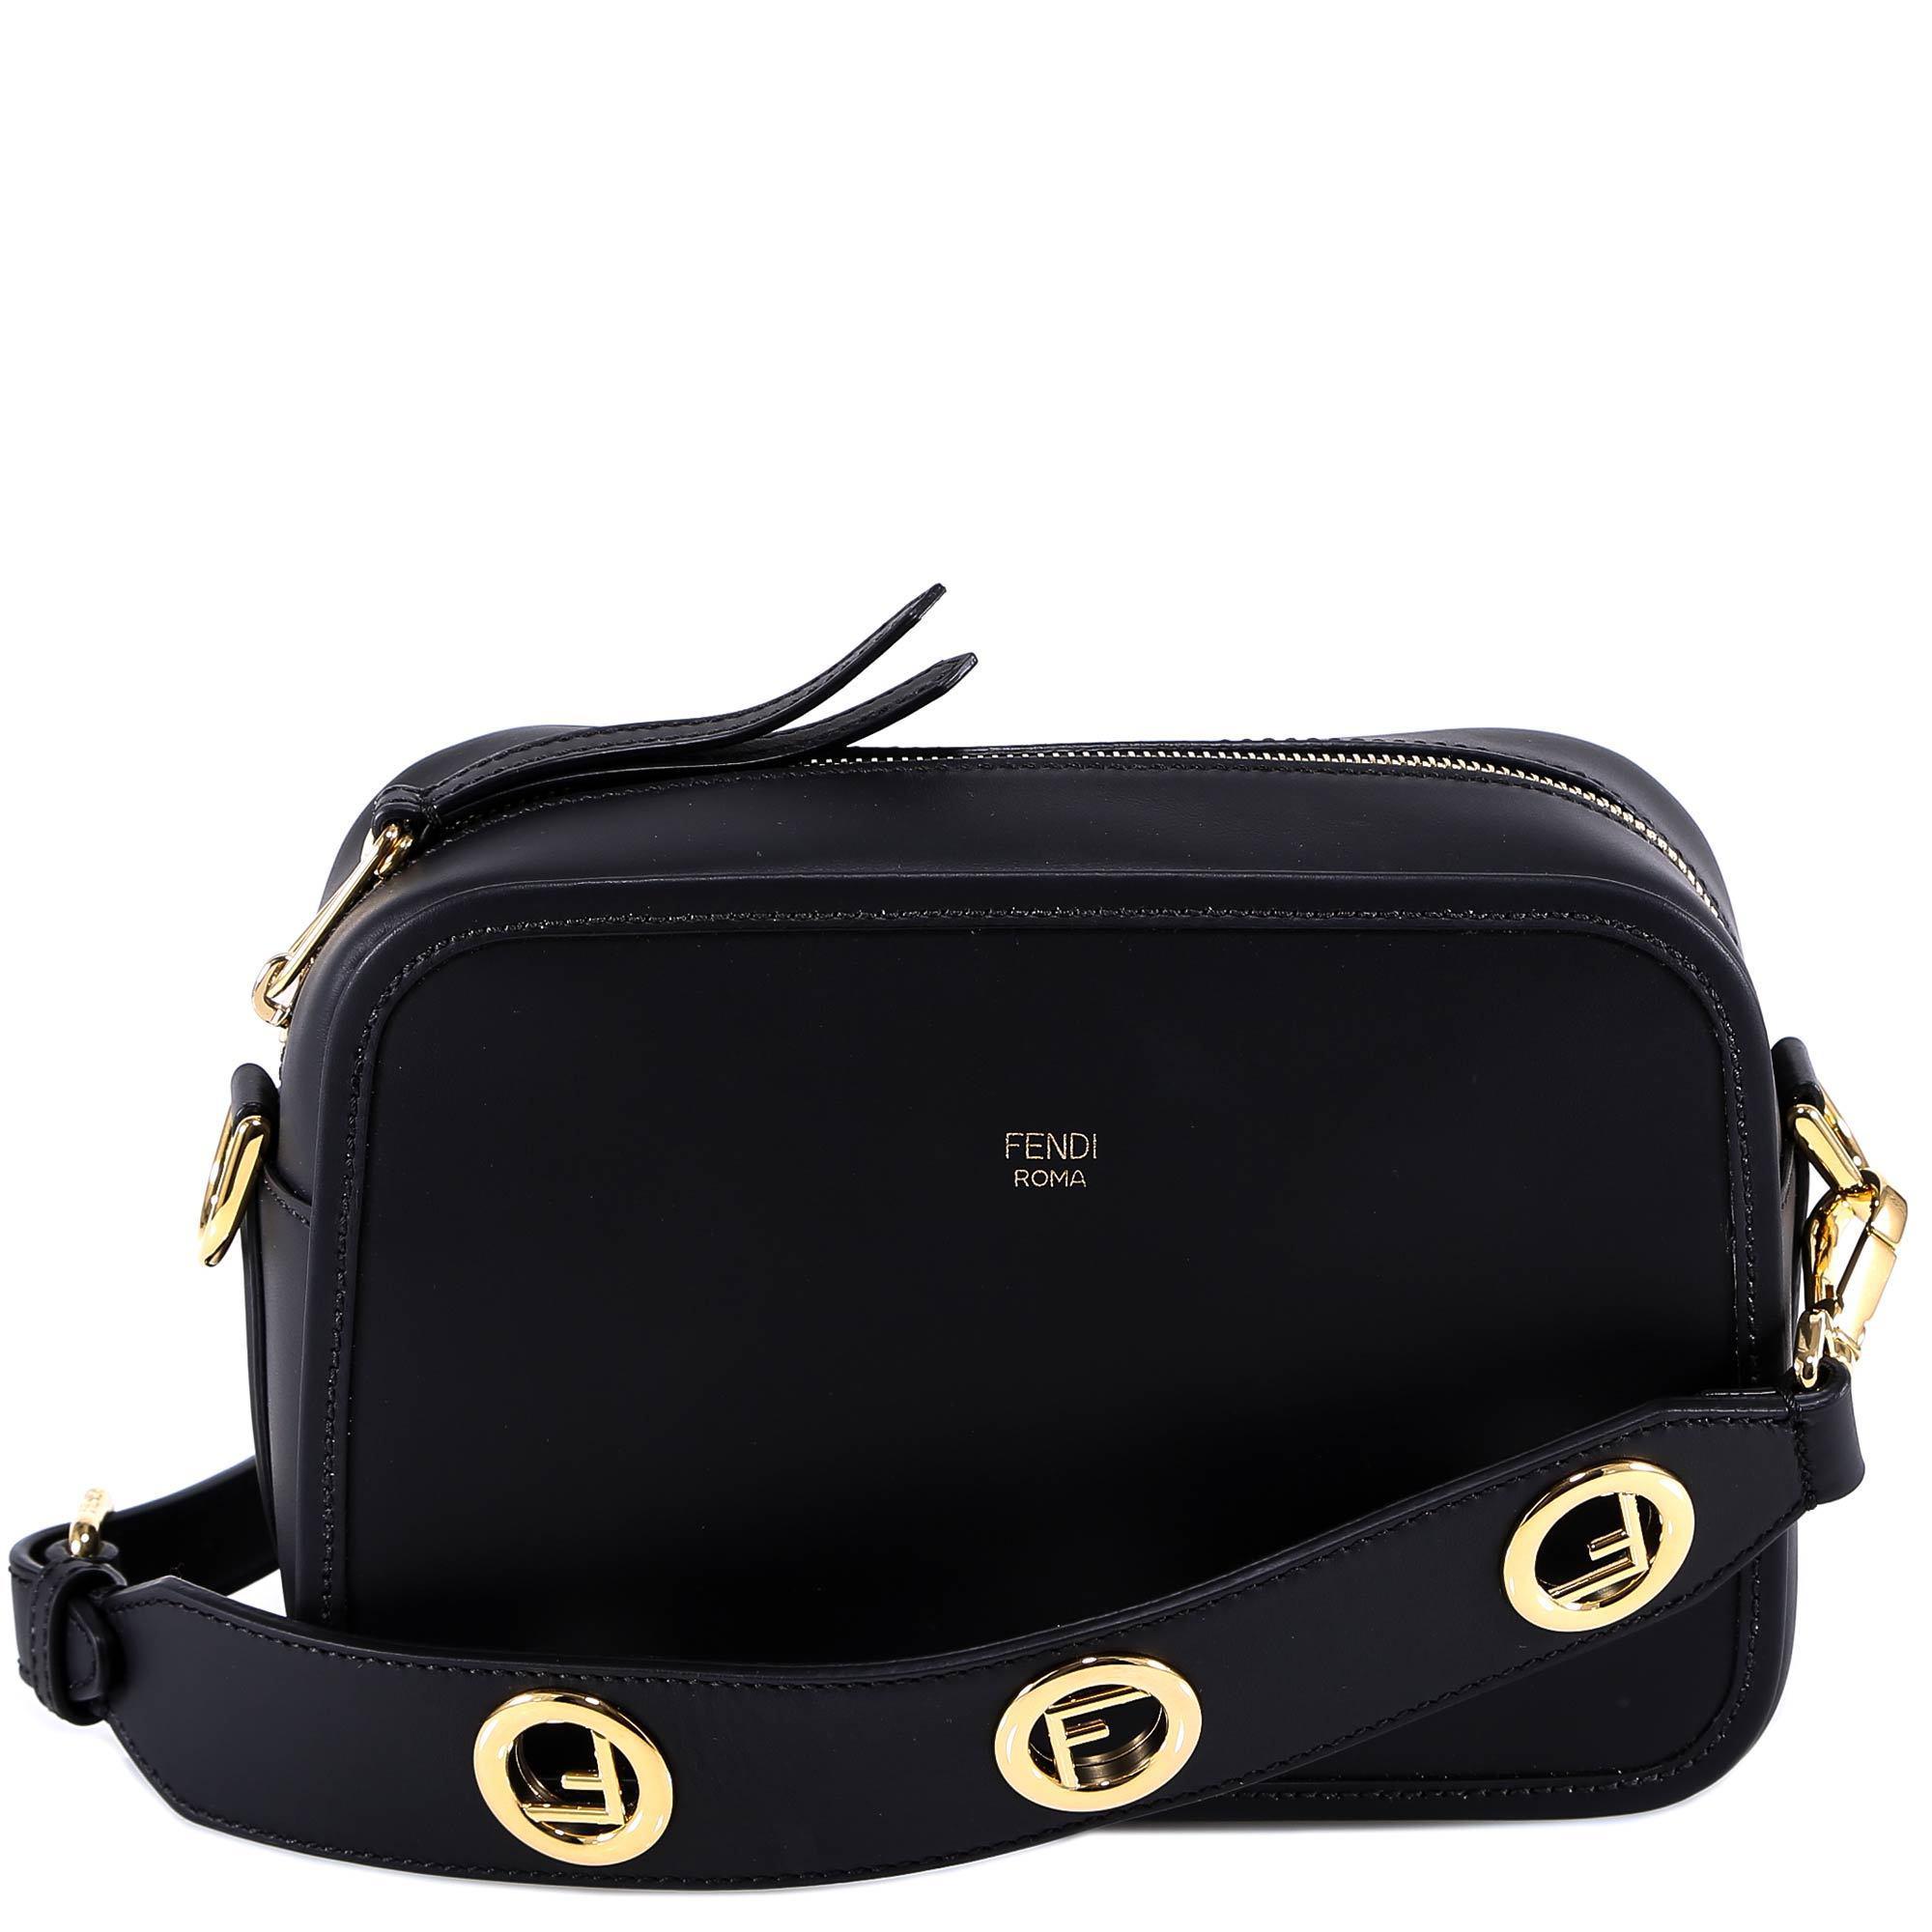 995642c7ab0 Fendi Logo Plaque Strap Crossbody Bag in Black - Lyst